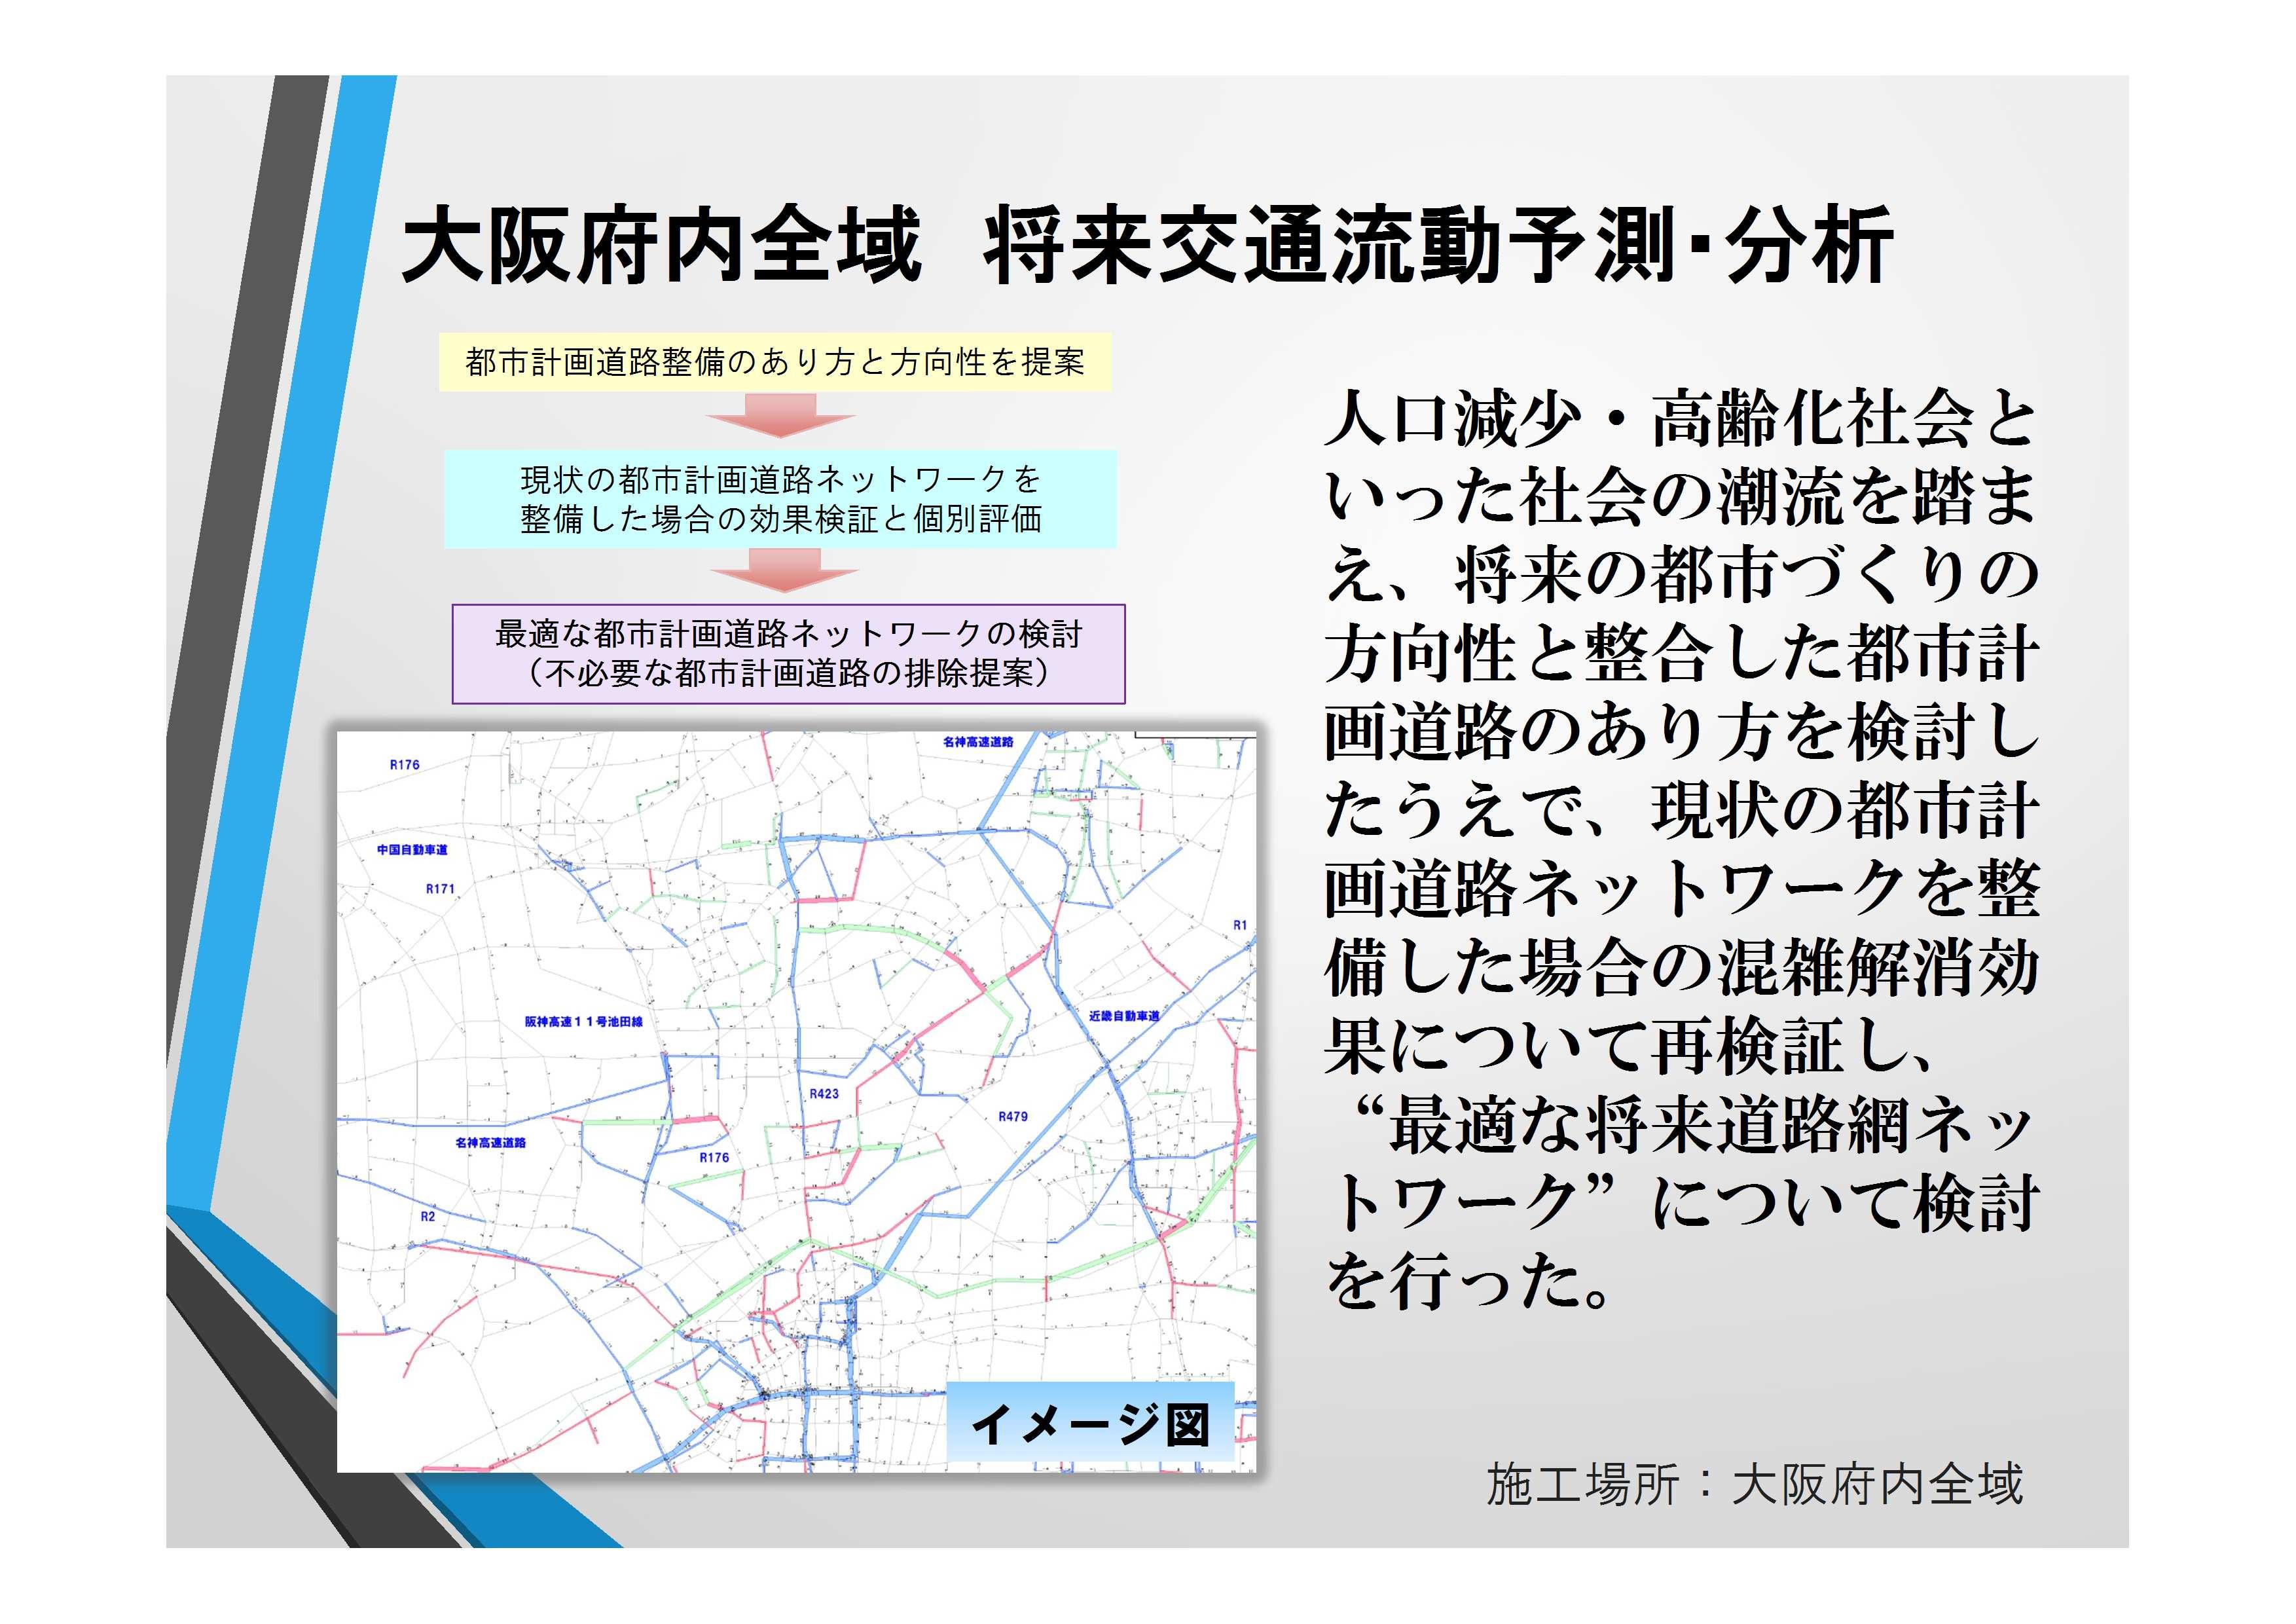 近23037 将来交通量予測【確認済】中村部長